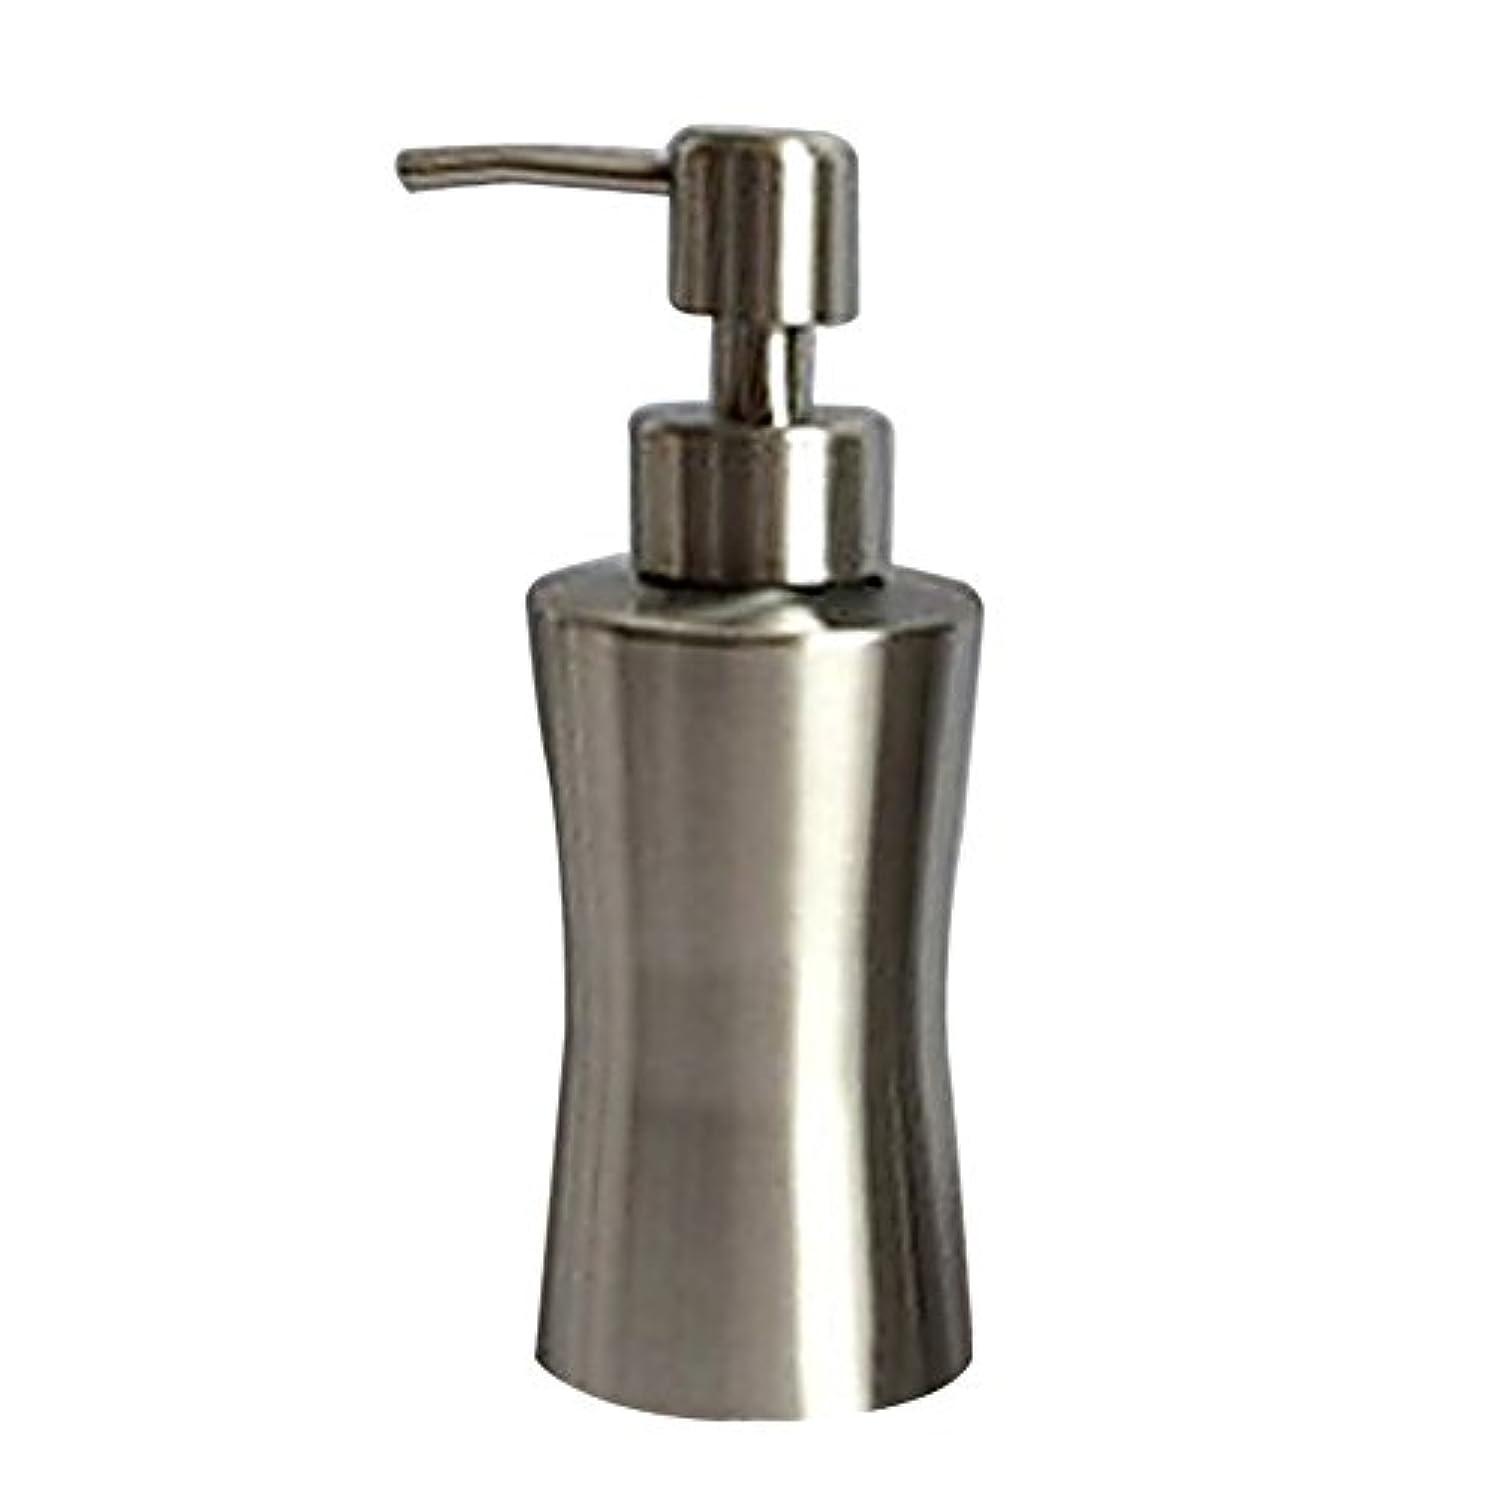 Pueriソープローションディスペンサーステンレススチール液体ソープディスペンサーポンプ付きキッチンやバスルーム A:220ml シルバー Pueri-123